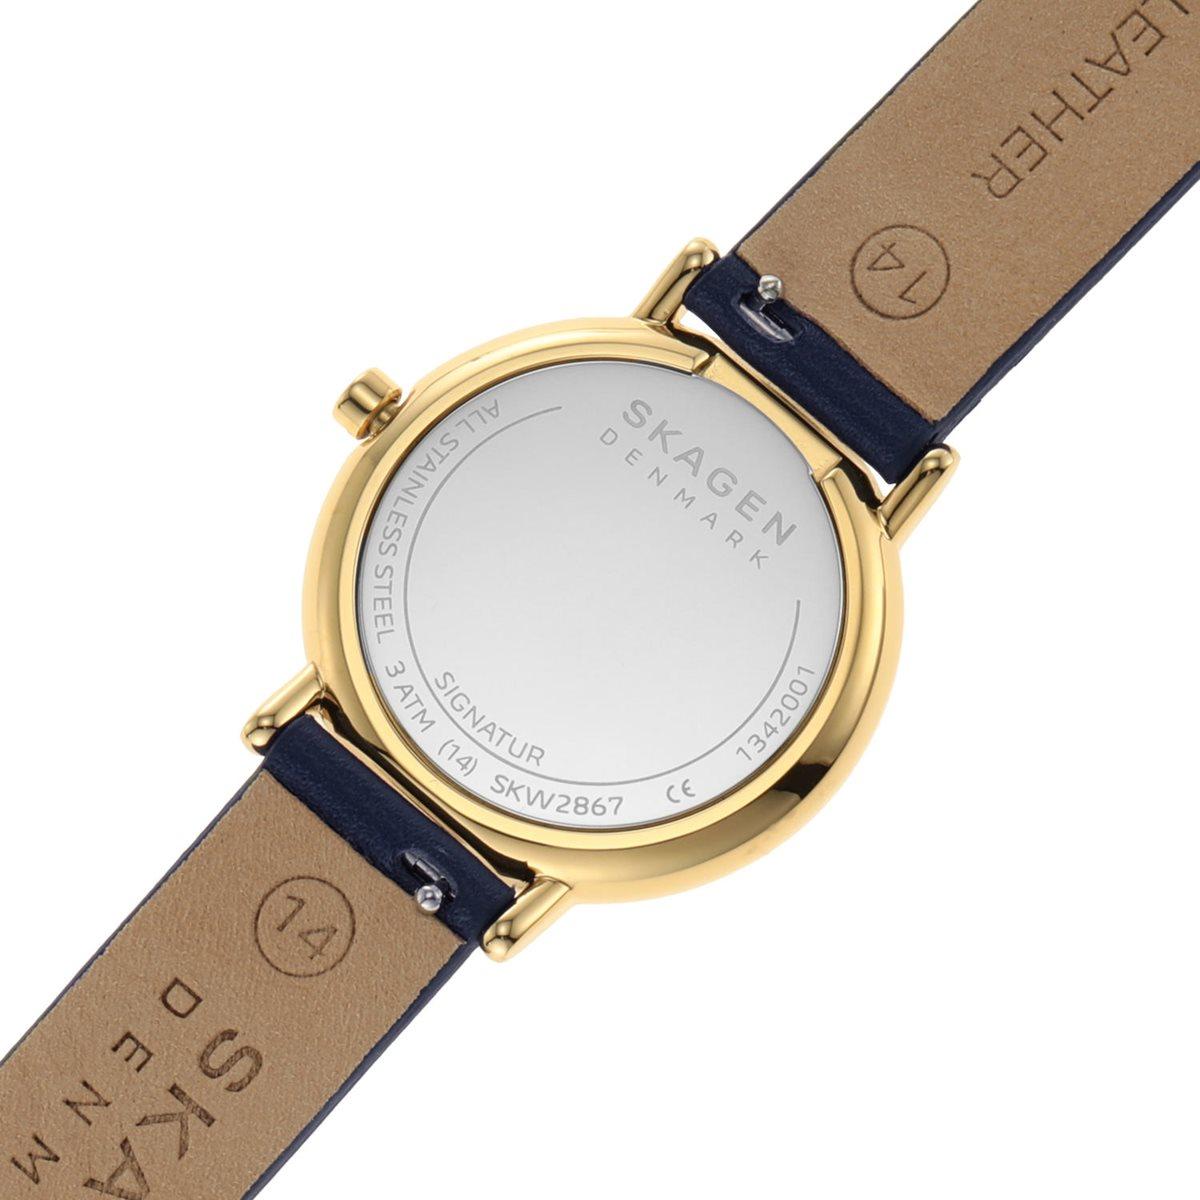 スカーゲン SKAGEN 腕時計 レディース シグネチャー SIGNATUR SKW2867